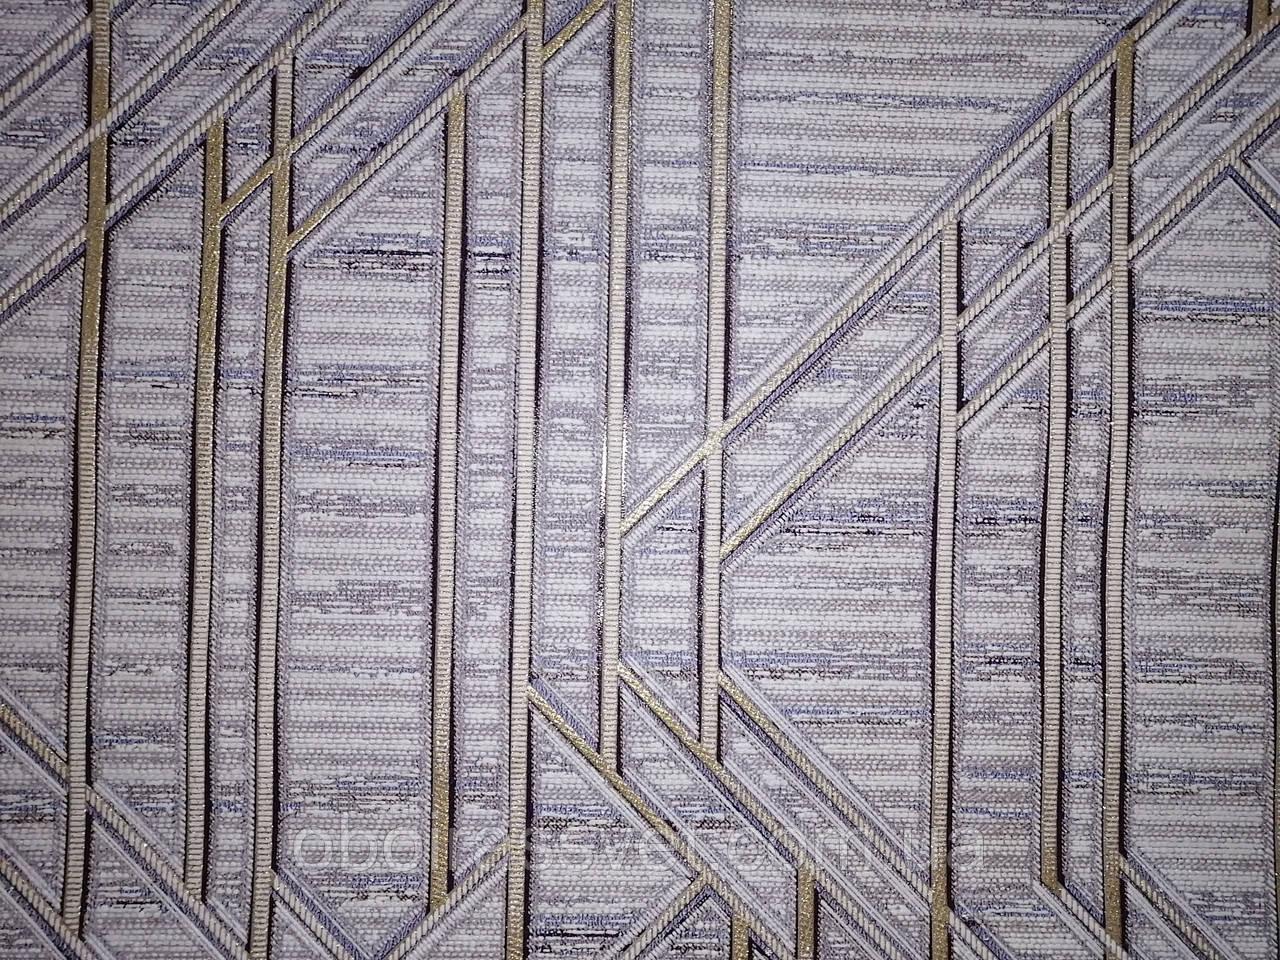 Обои 3679-06 ,виниловые на флизелине,длина 15 м,ширина 1.06 =5 полос по 3 м каждая